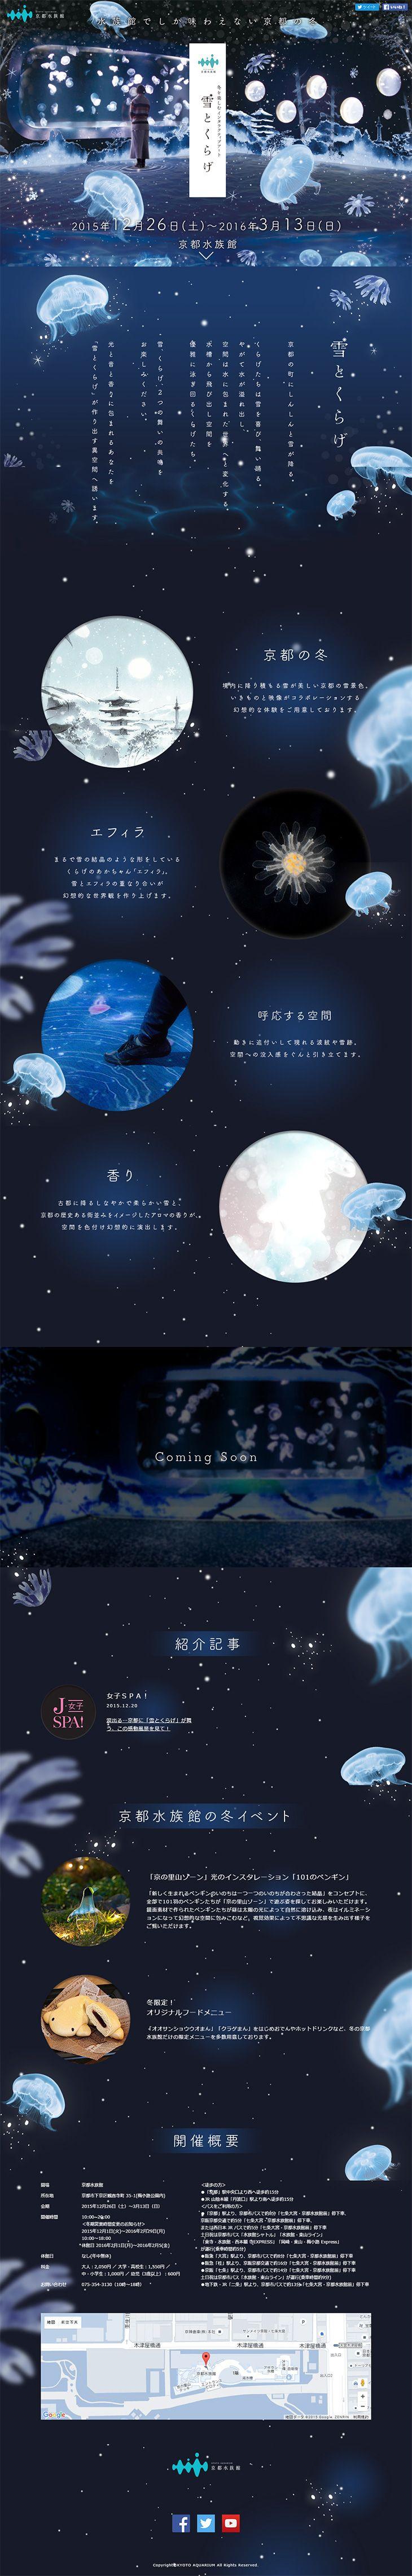 冬を楽しむインタラクティブアート 雪とくらげ | 京都水族館【サービス関連】のLPデザイン。WEBデザイナーさん必見!ランディングページのデザイン参考に(かわいい系)